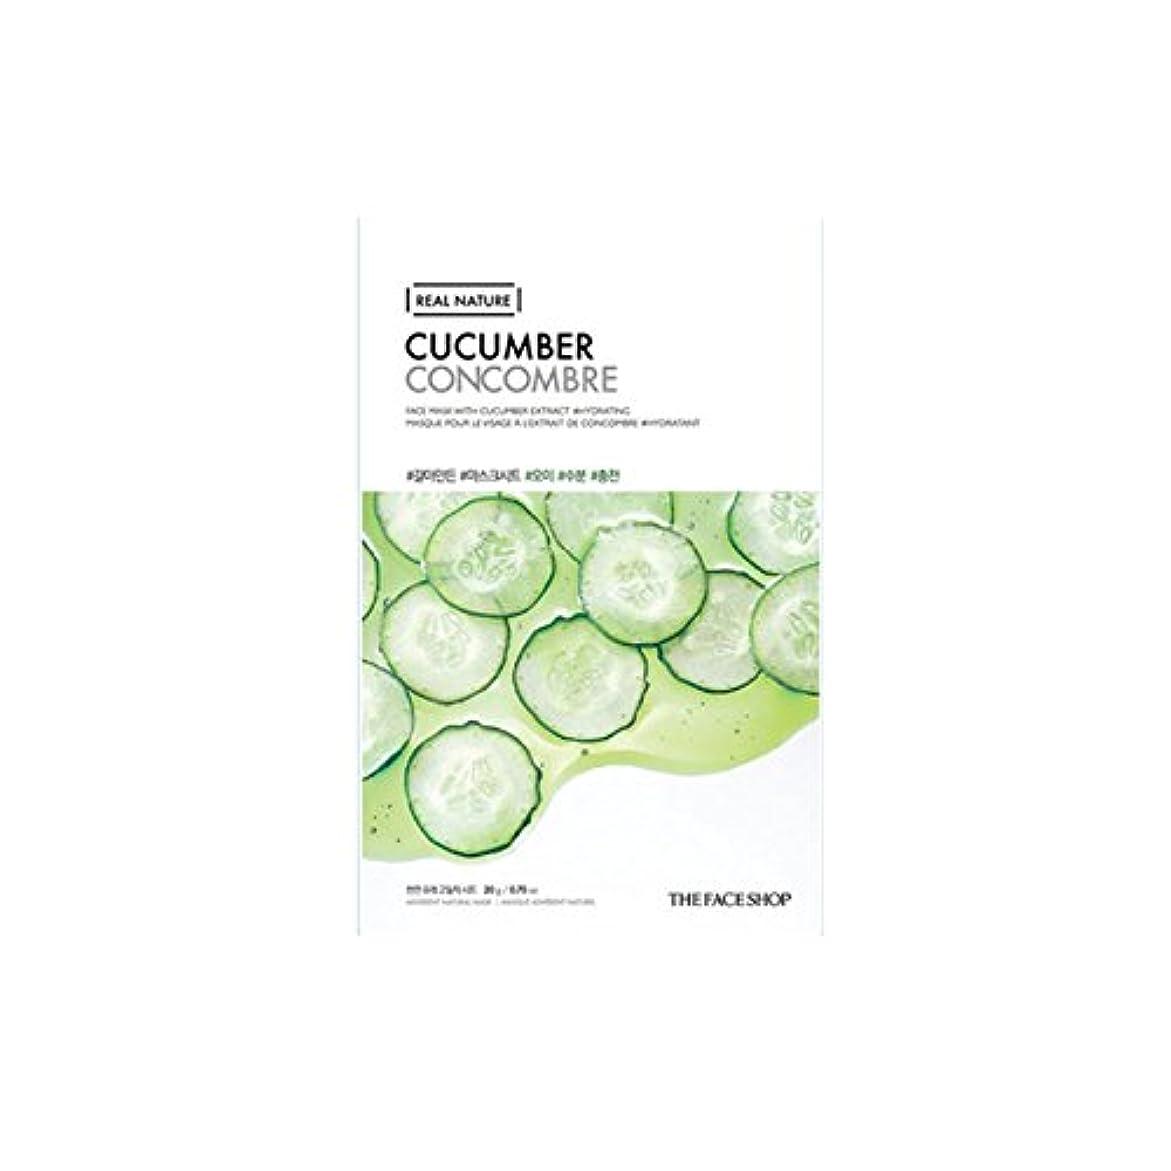 年次もろいその他[The Face Shop] ザフェイスショップ リアルネイチャーマスクシート Real Nature Mask Sheet (Cucumber (キュウリ) 10個) [並行輸入品]